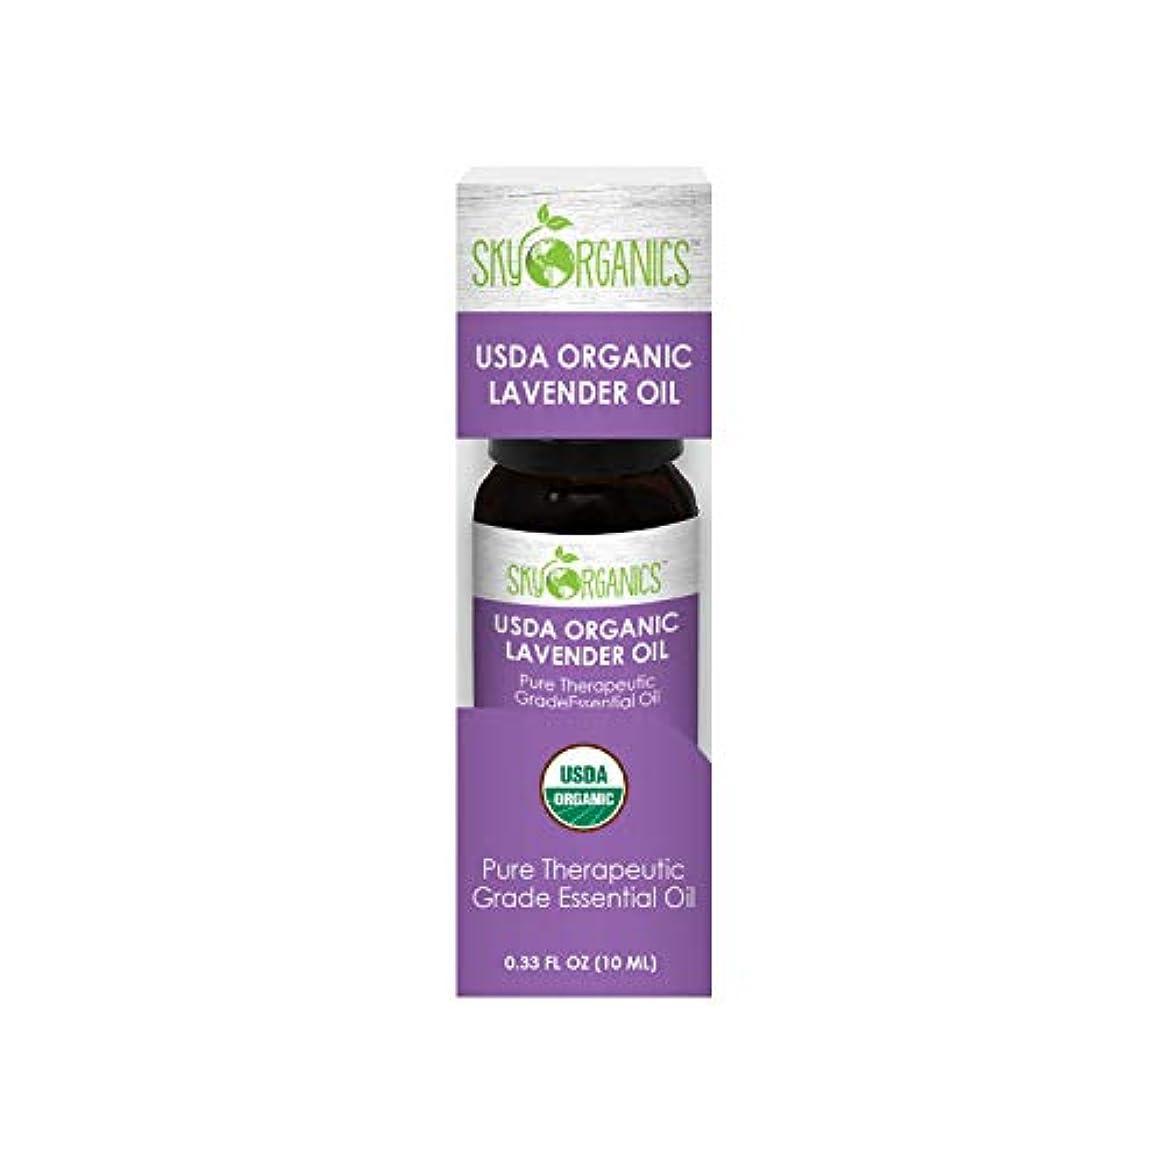 シットコムヘビ血統認定エッセンシャルオイル Lavender Oil Sky Organics USDAオーガニックラベンダーオイル-10 ml-ピュアセラピューティックグレードのエッセンシャルオイル-ディフューザー、アロマセラピー、マッサージオイル、DIY